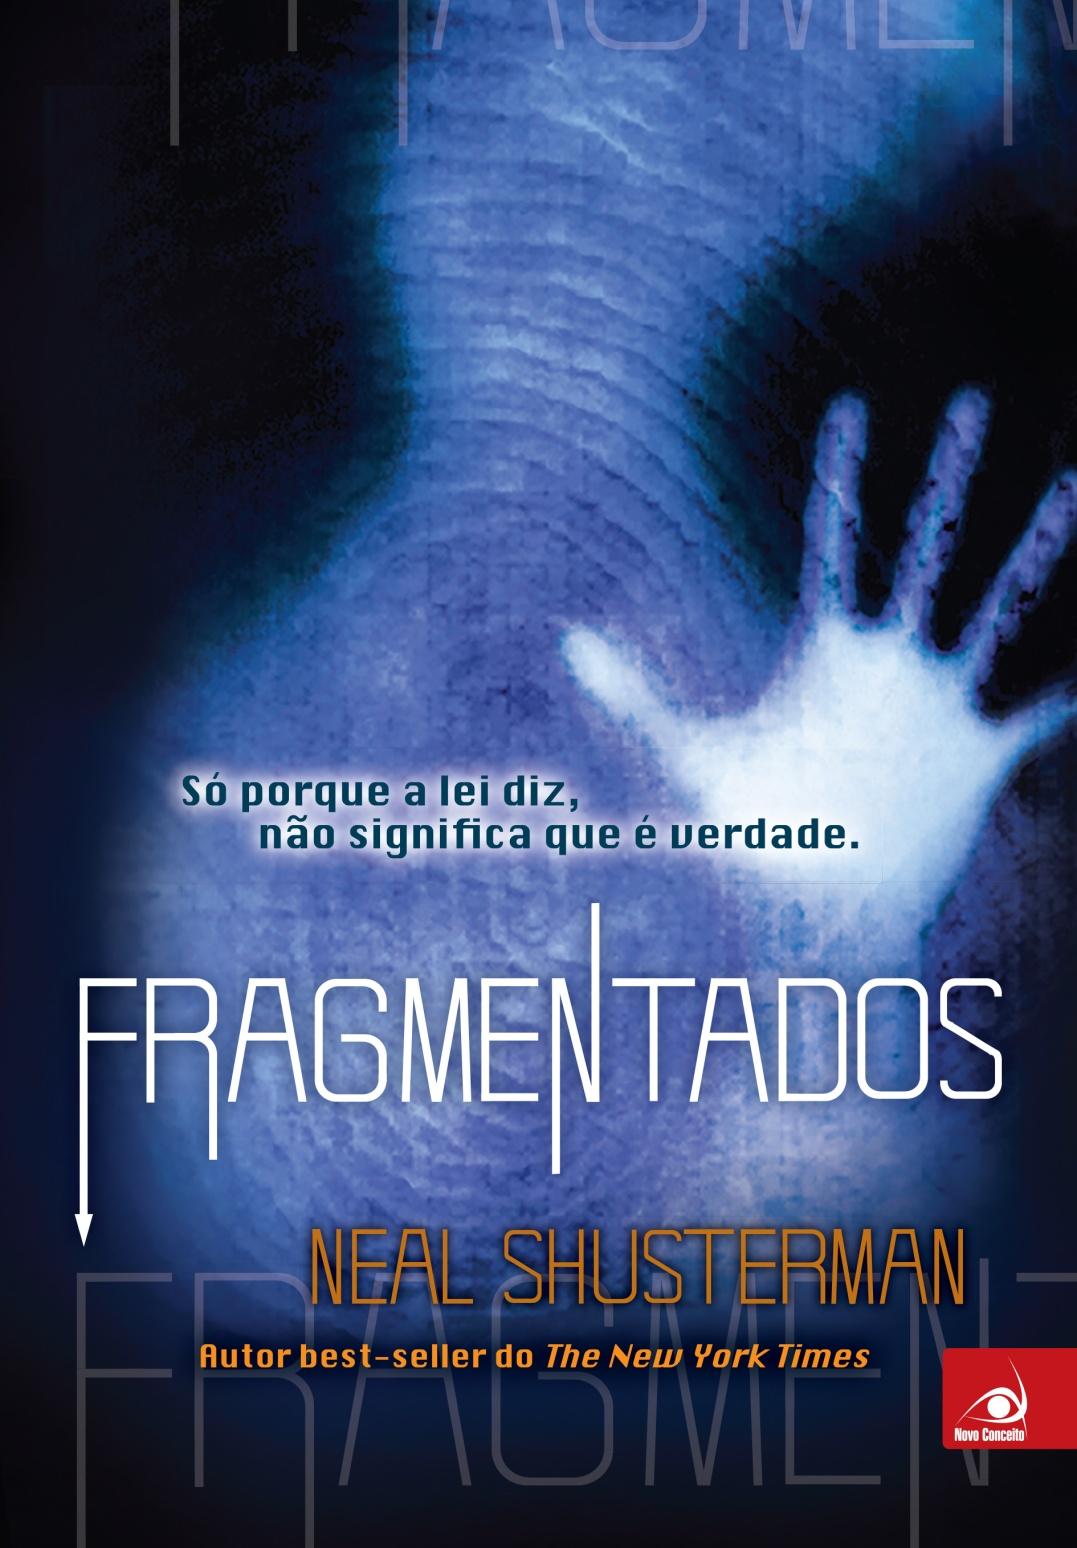 fragmentados_capa_1